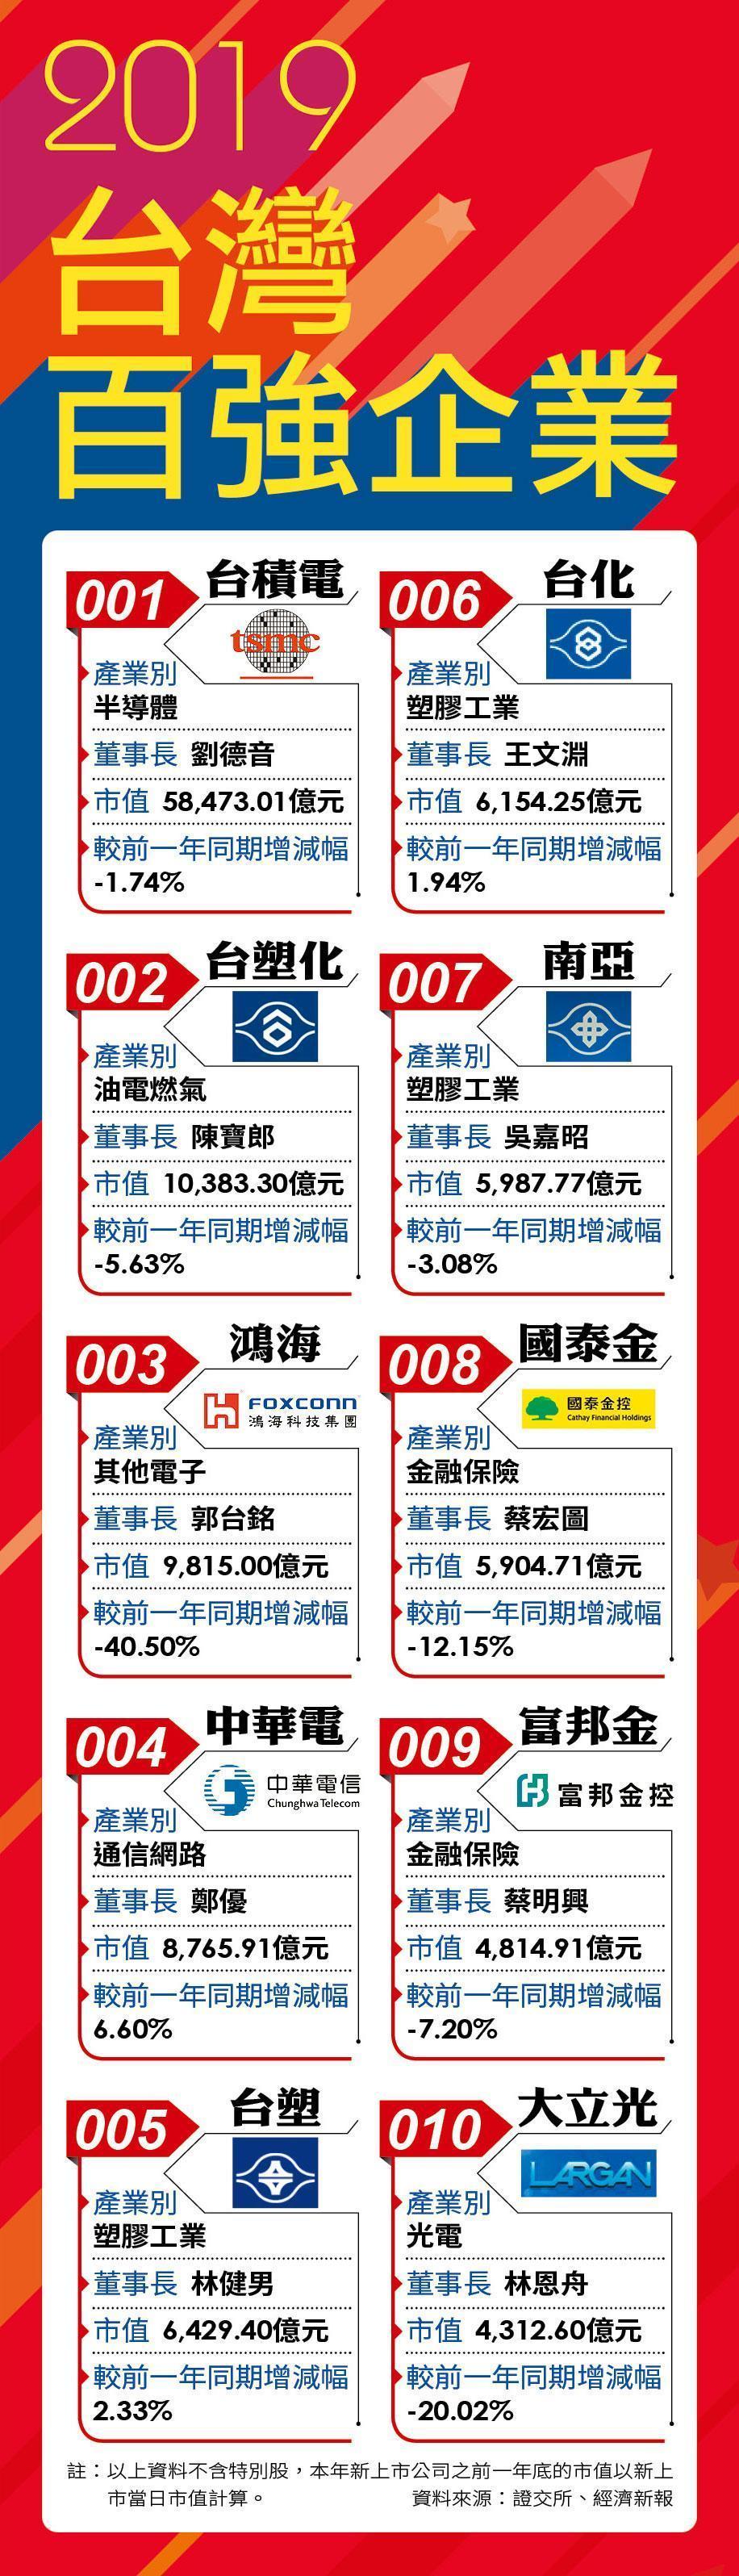 2018台灣百強企業